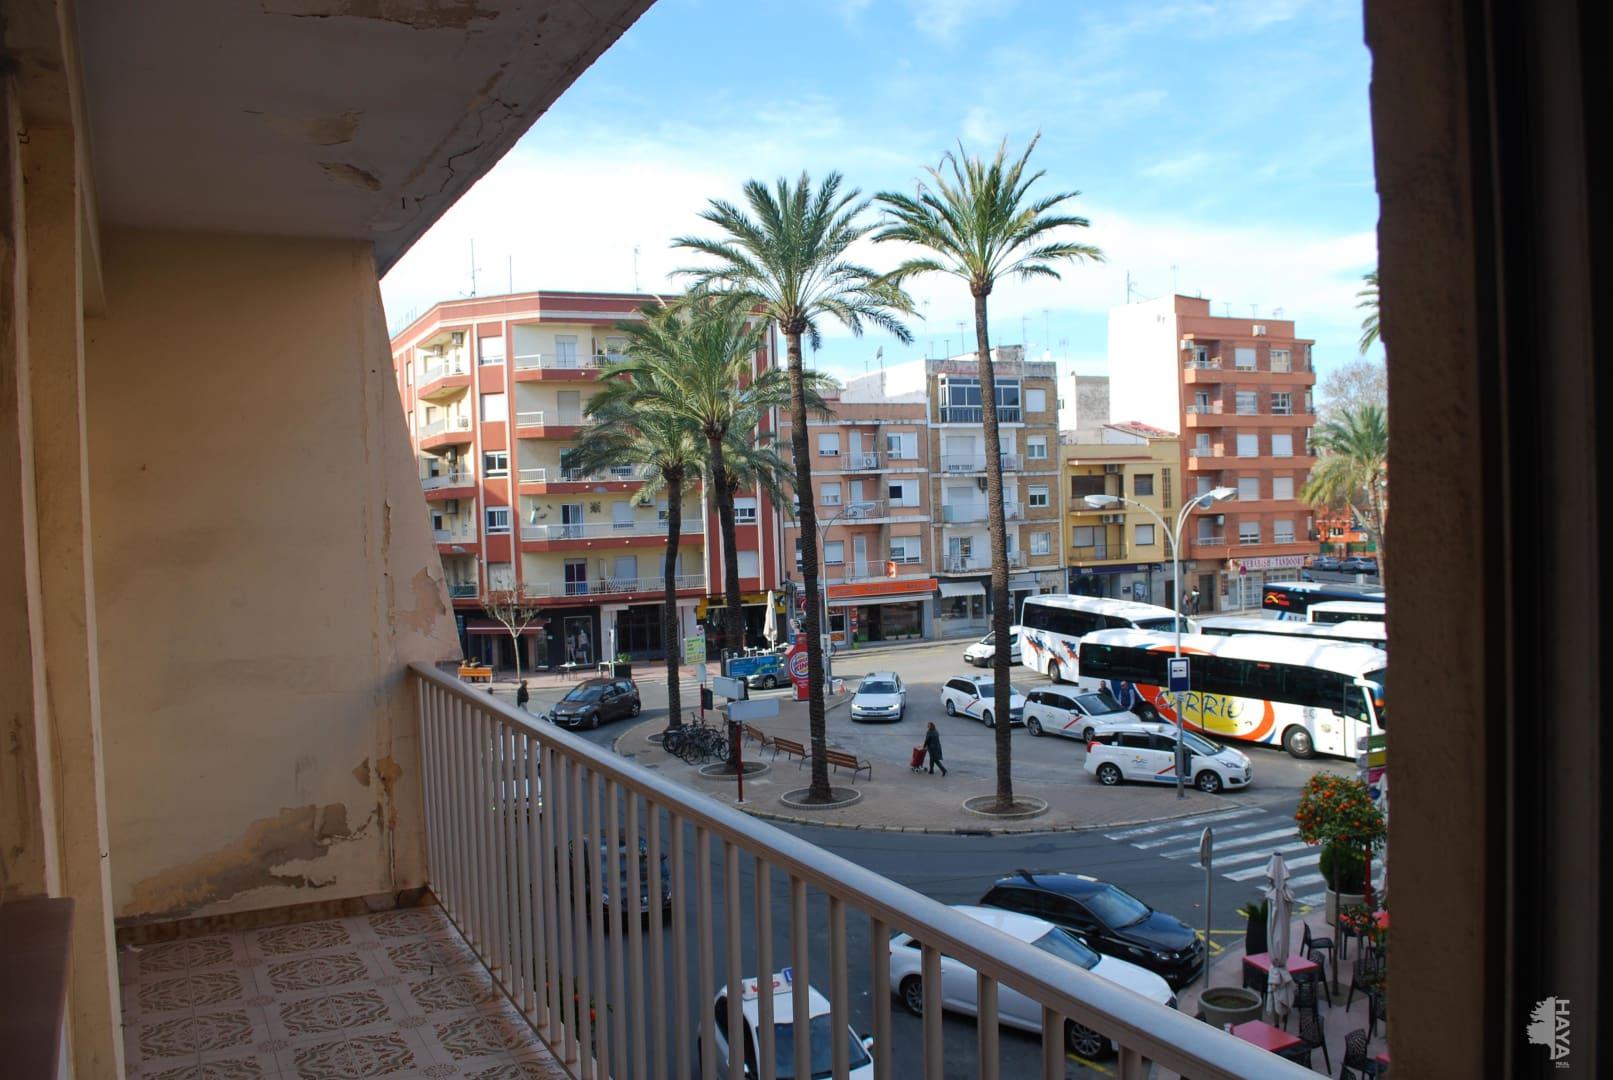 Piso en venta en La Pedrera, Dénia, Alicante, Calle Patricio Ferrandiz, 58.700 €, 3 habitaciones, 1 baño, 80 m2